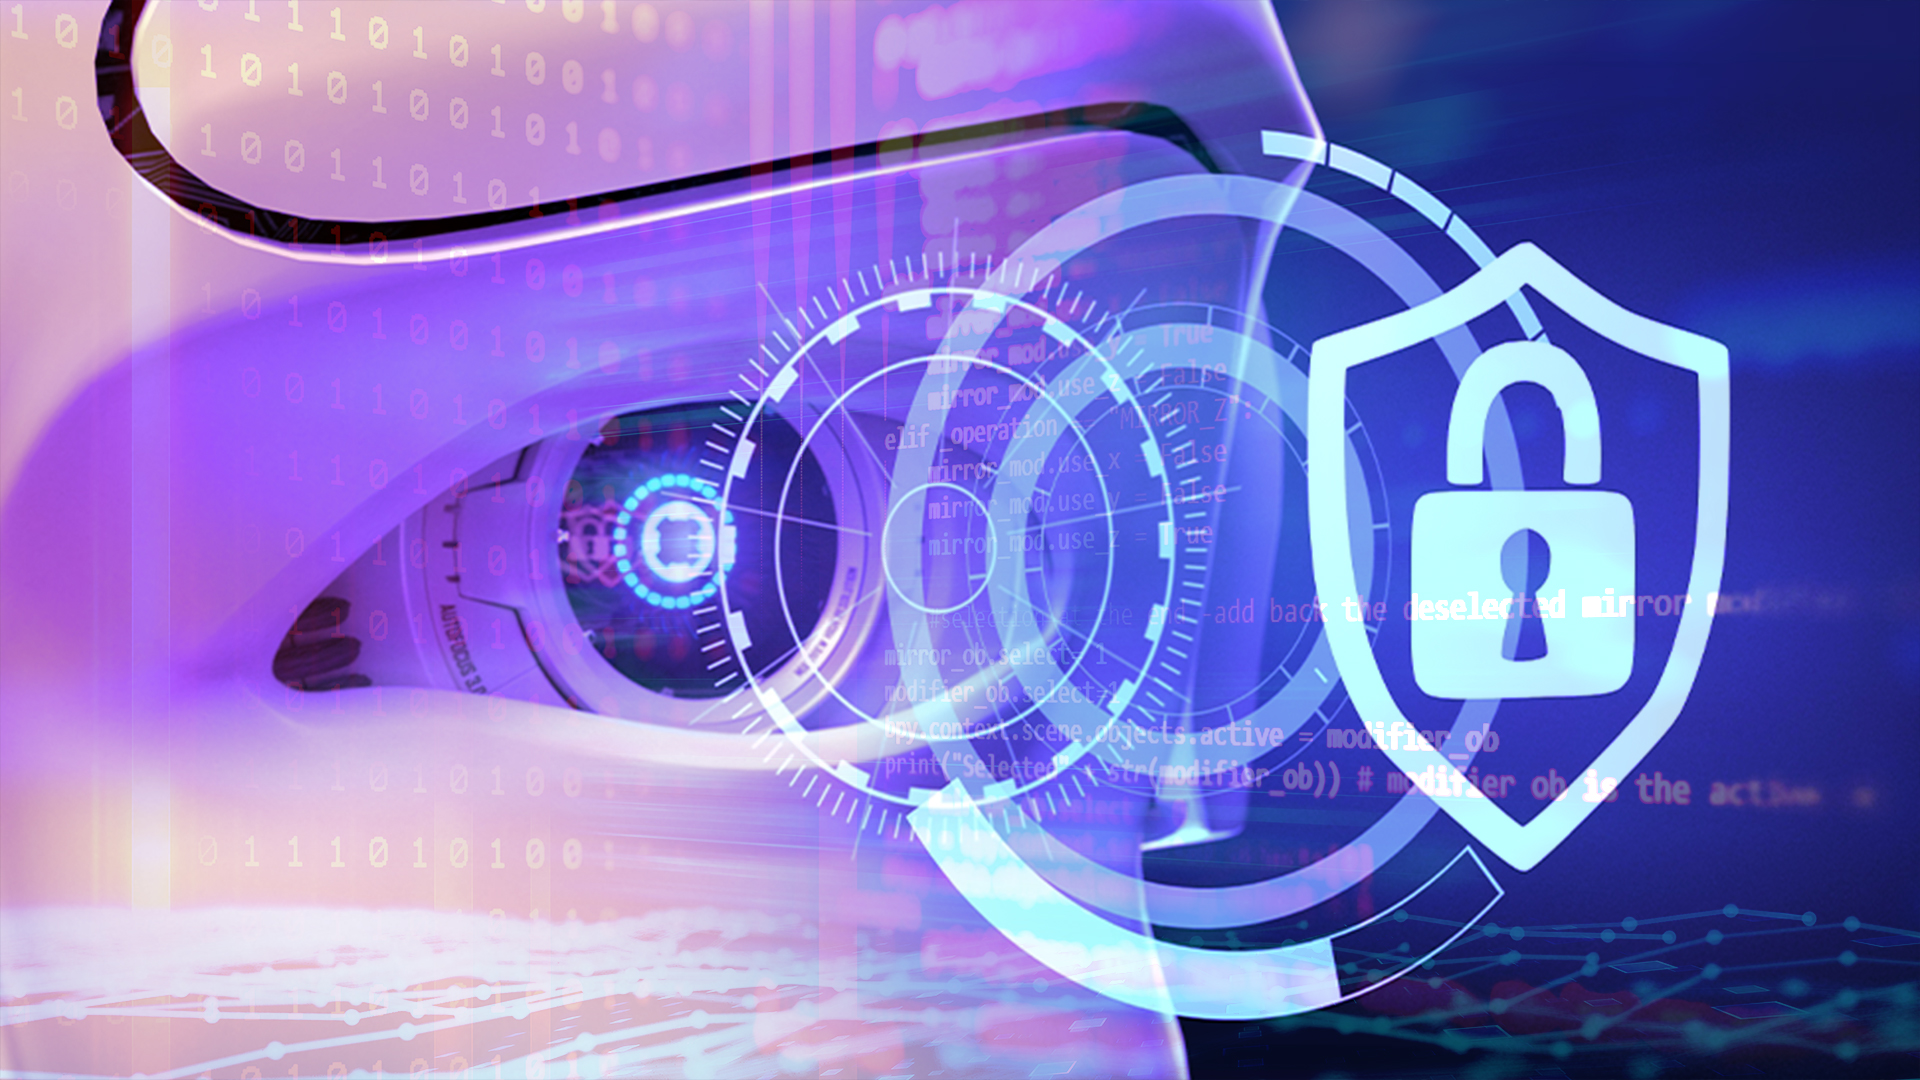 Sicherheit, Sicherheitslücke, Hacker, Security, Malware, Hack, Angriff, Virus, Kriminalität, Schadsoftware, Ki, Künstliche Intelligenz, Roboter, Exploit, Cybercrime, Cybersecurity, Hacking, Hackerangriff, Internetkriminalität, AI, Hacken, Darknet, Hacker Angriff, Attack, Ransom, Artificial Intelligence, Auge, Roboterauge